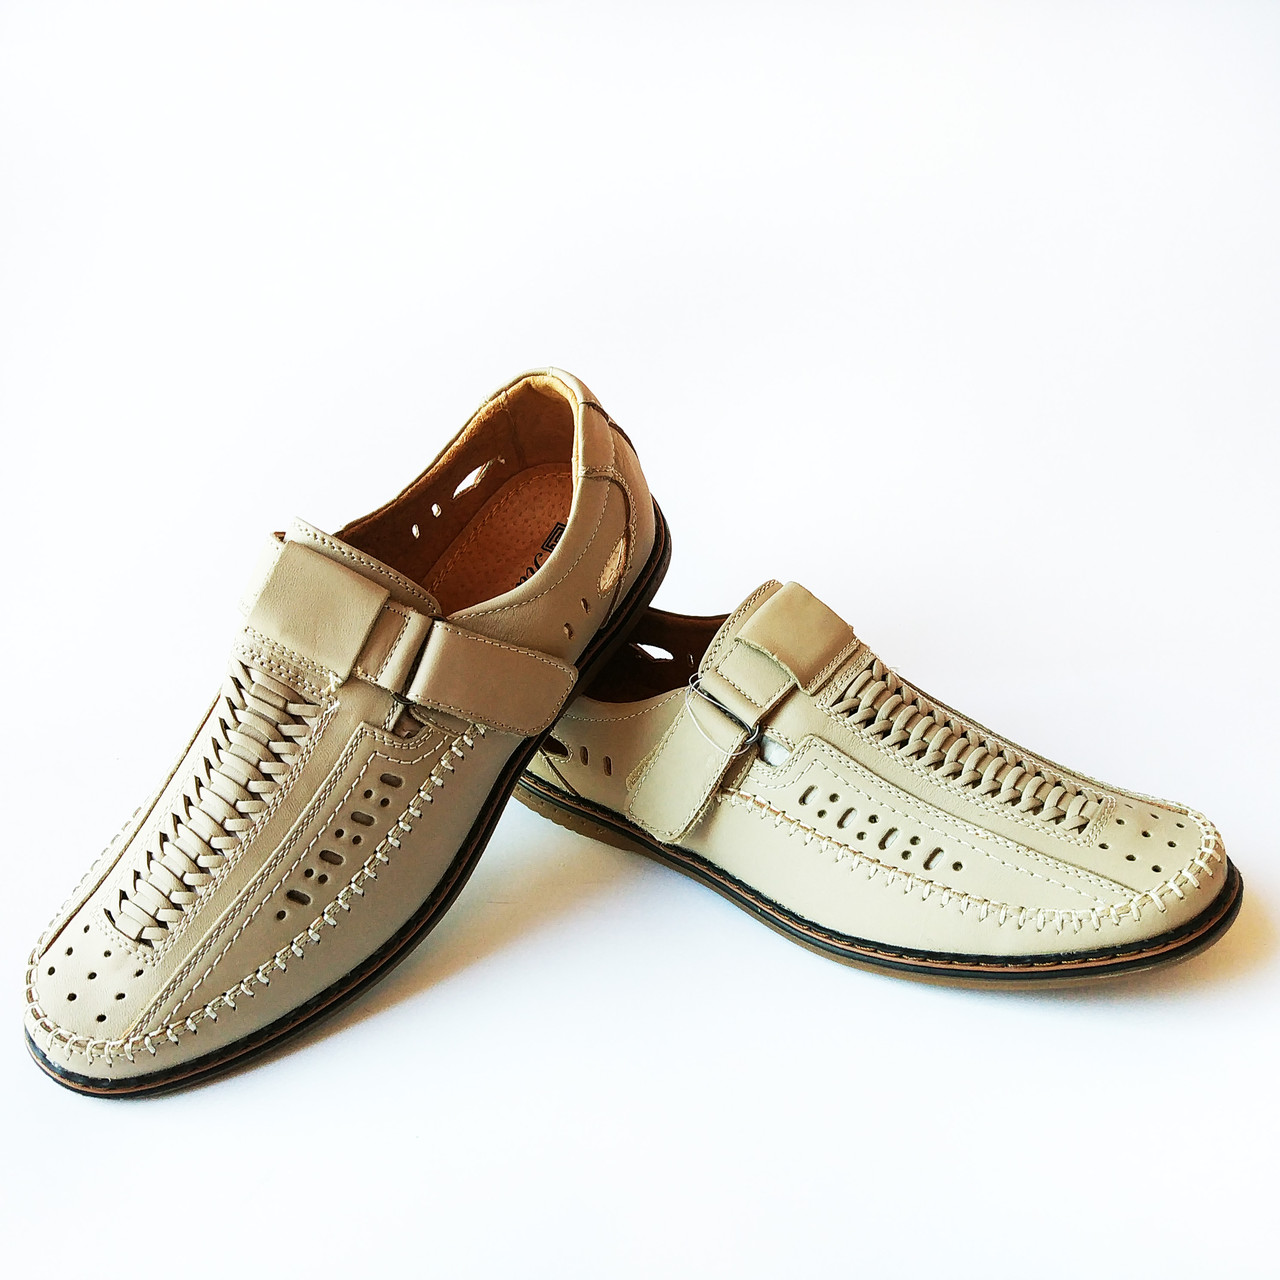 Повседневная летняя кожаная мужская обувь   сандалии бежевого цвета в  дырочку на липучке недорого - Интернет e57e9905779